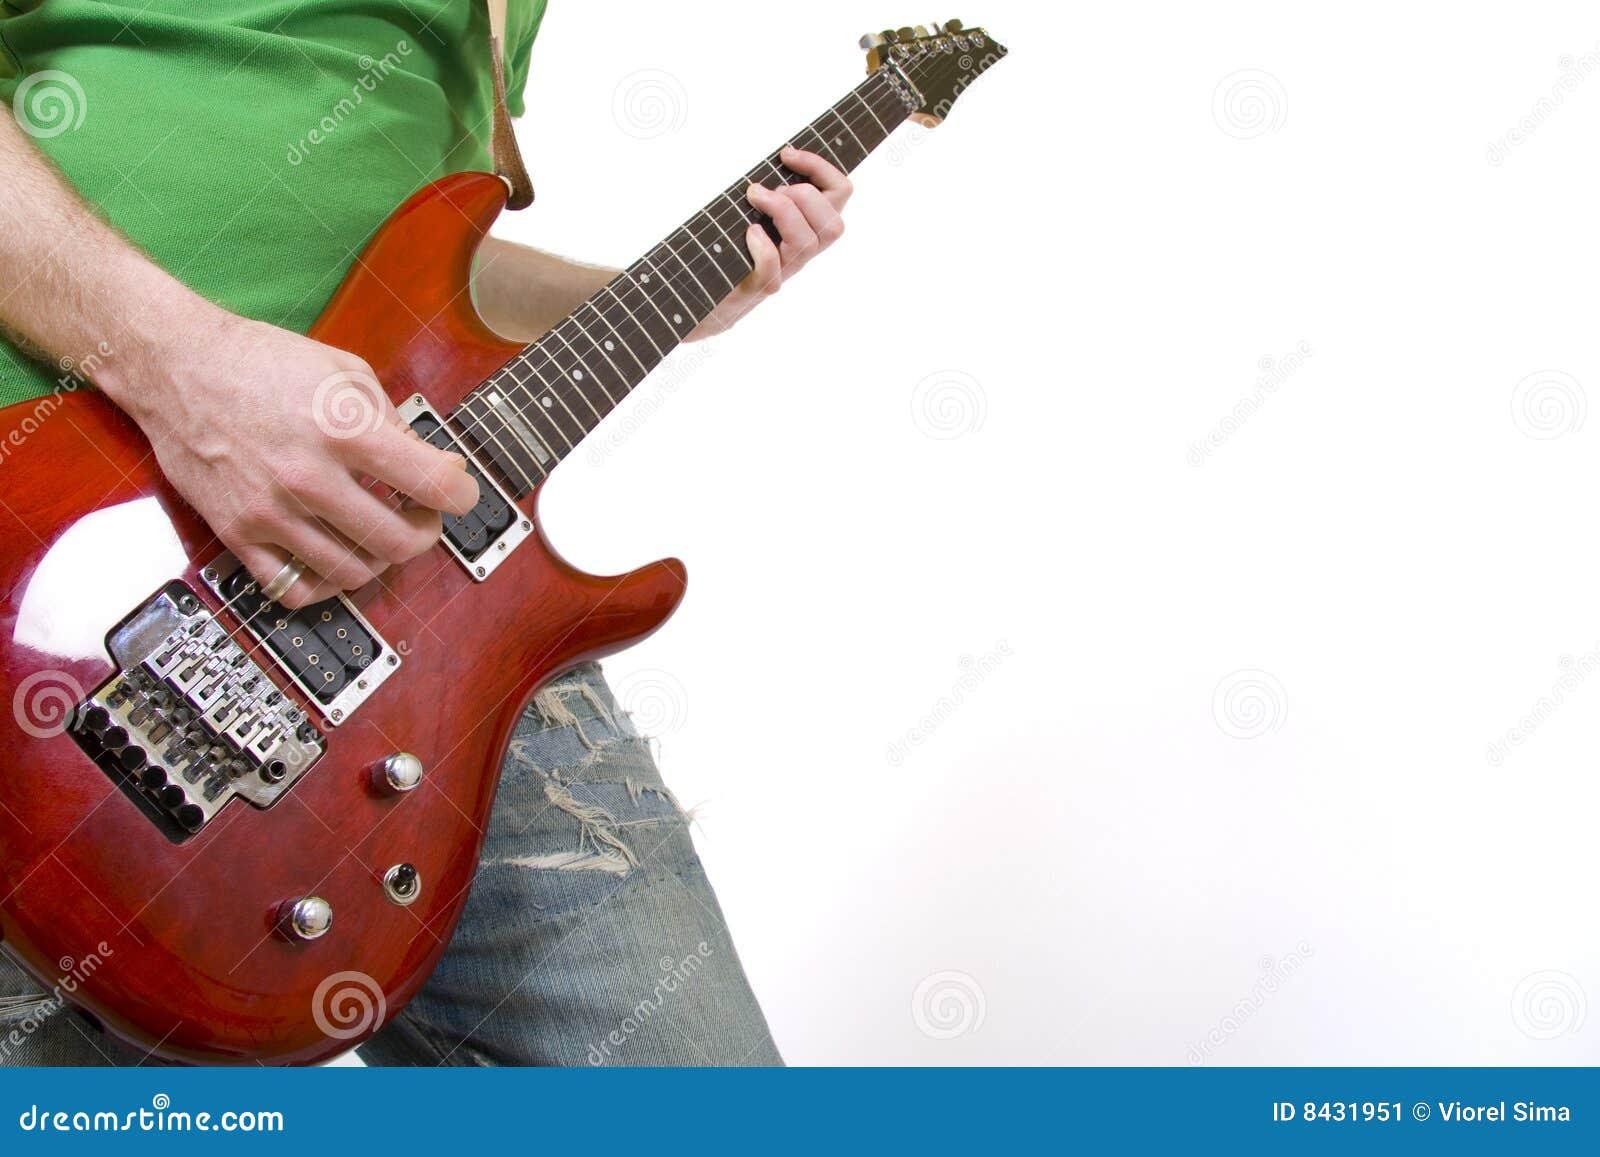 Closeup of a guitarist playing sn electric guitar